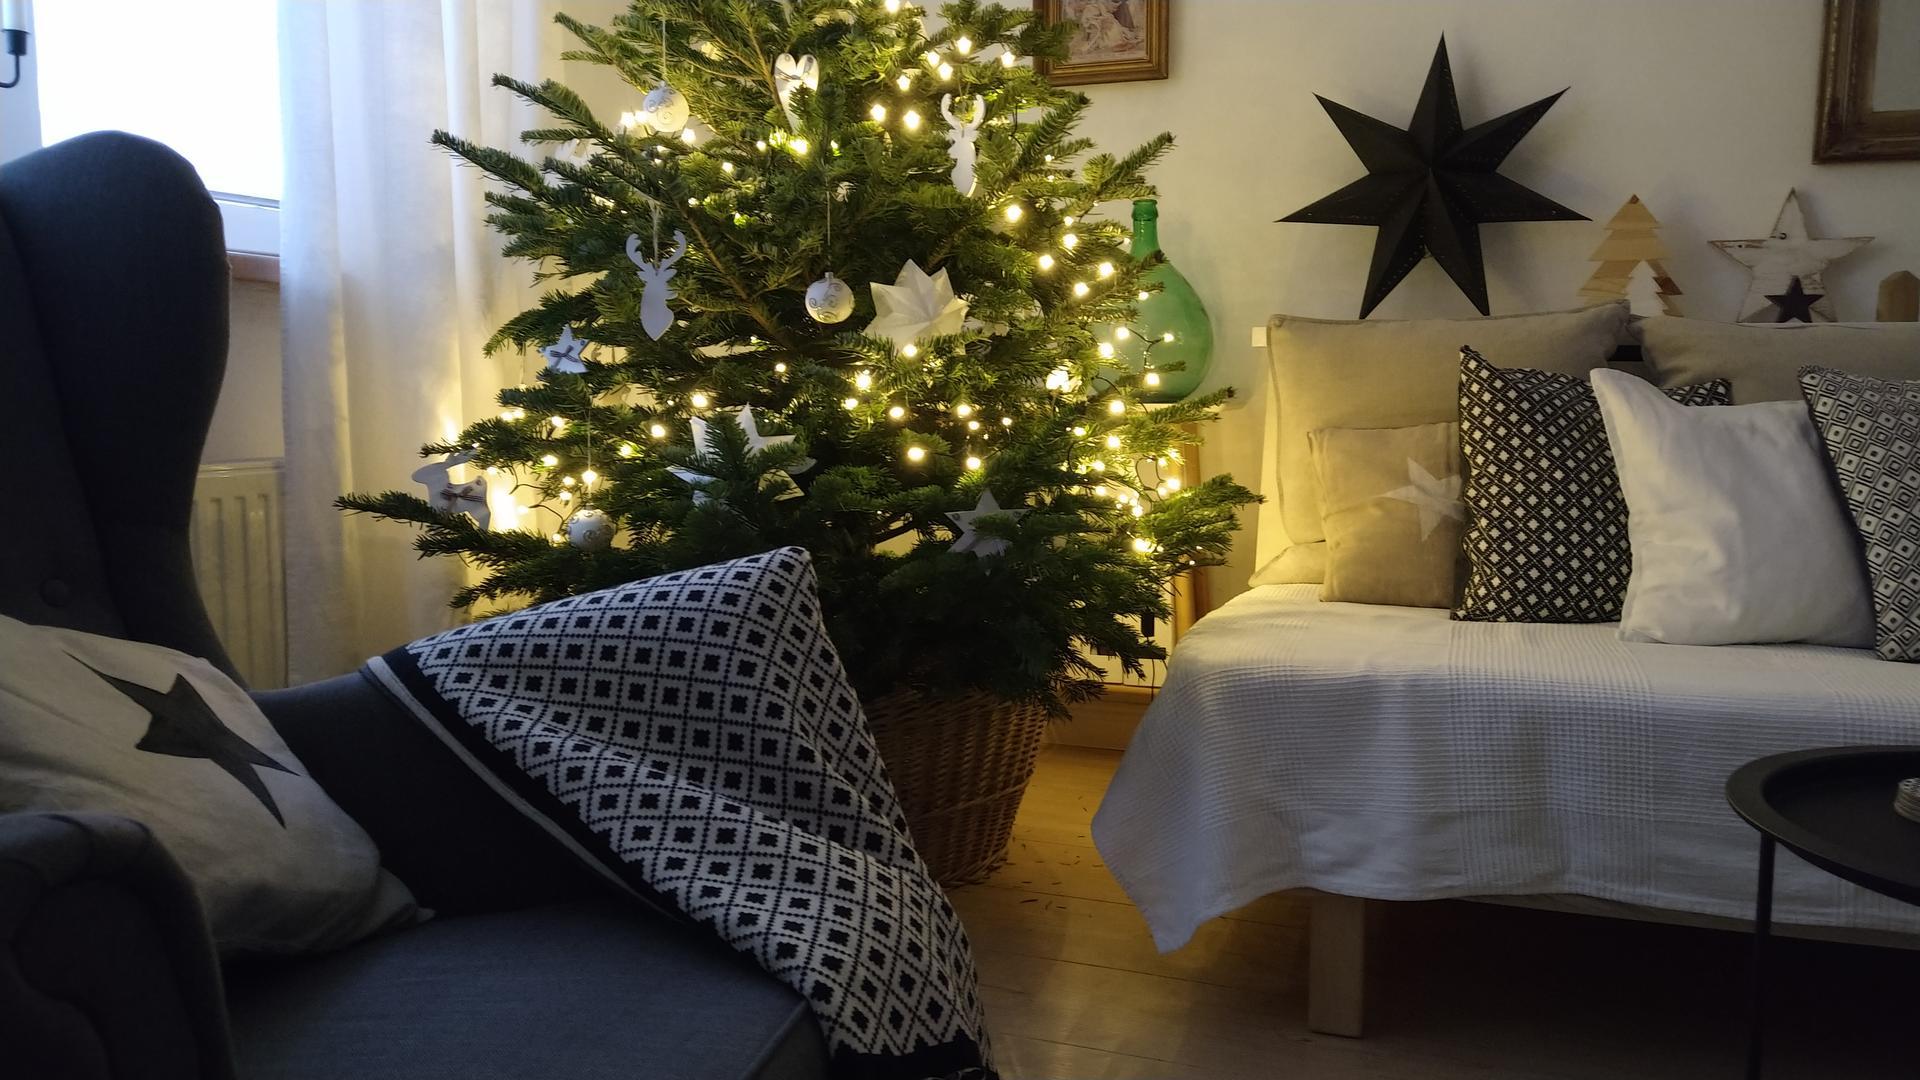 Vianočné dekorácie,advent a vianoce 2020 - Obrázok č. 37